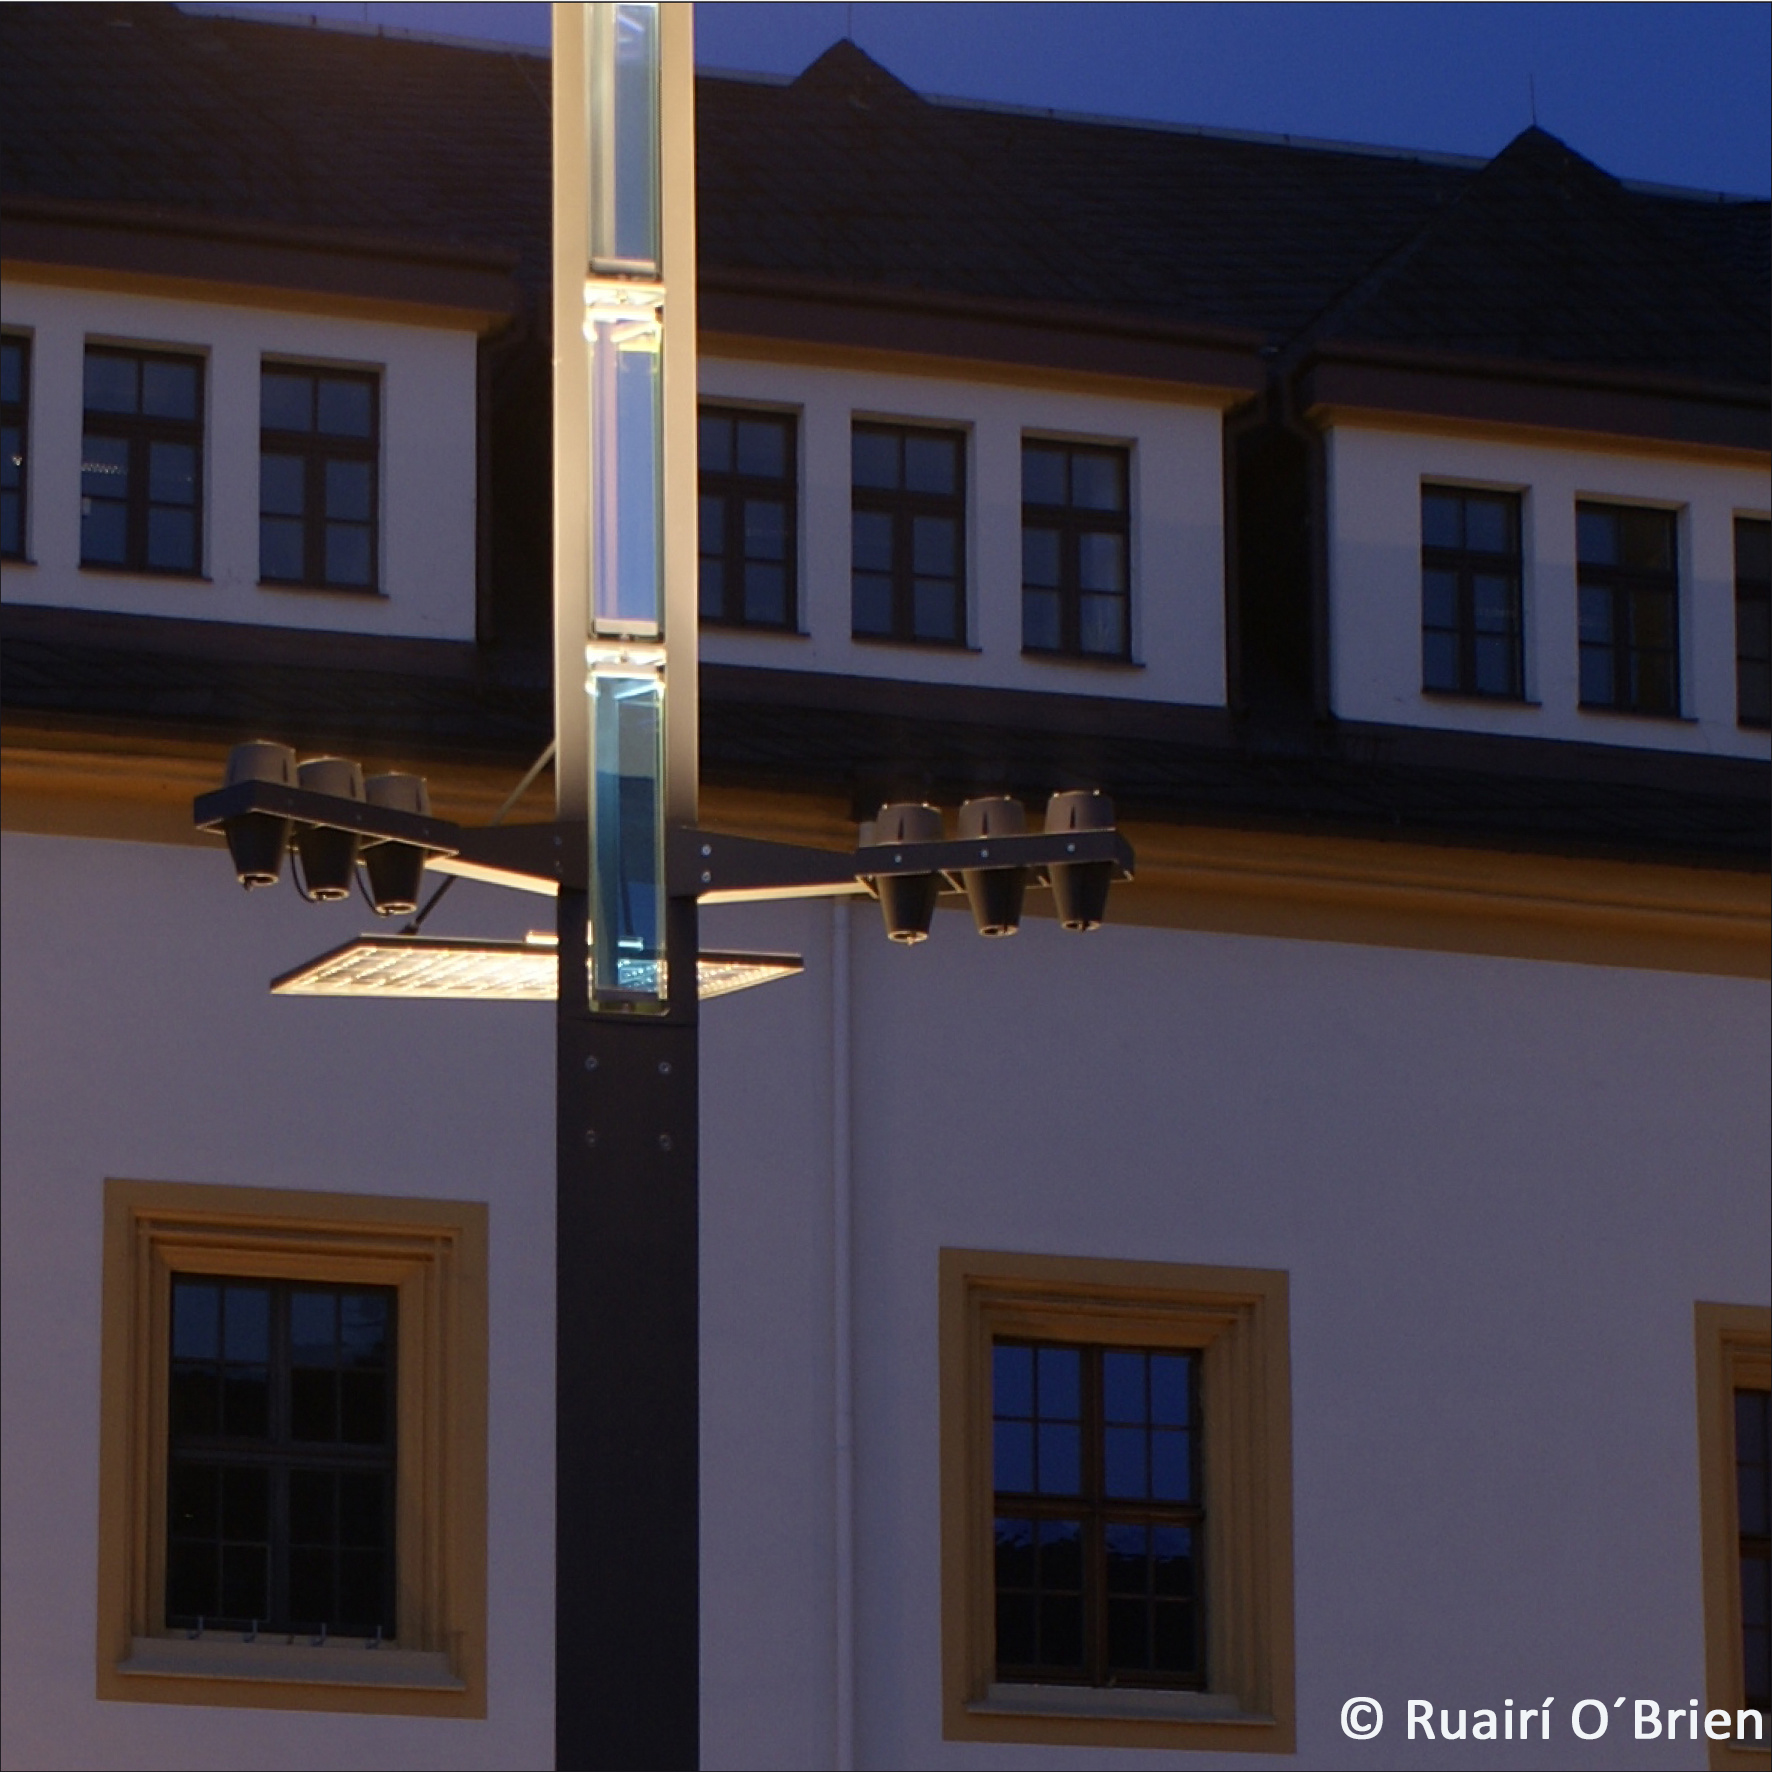 msld mobile school of lighting design. Black Bedroom Furniture Sets. Home Design Ideas